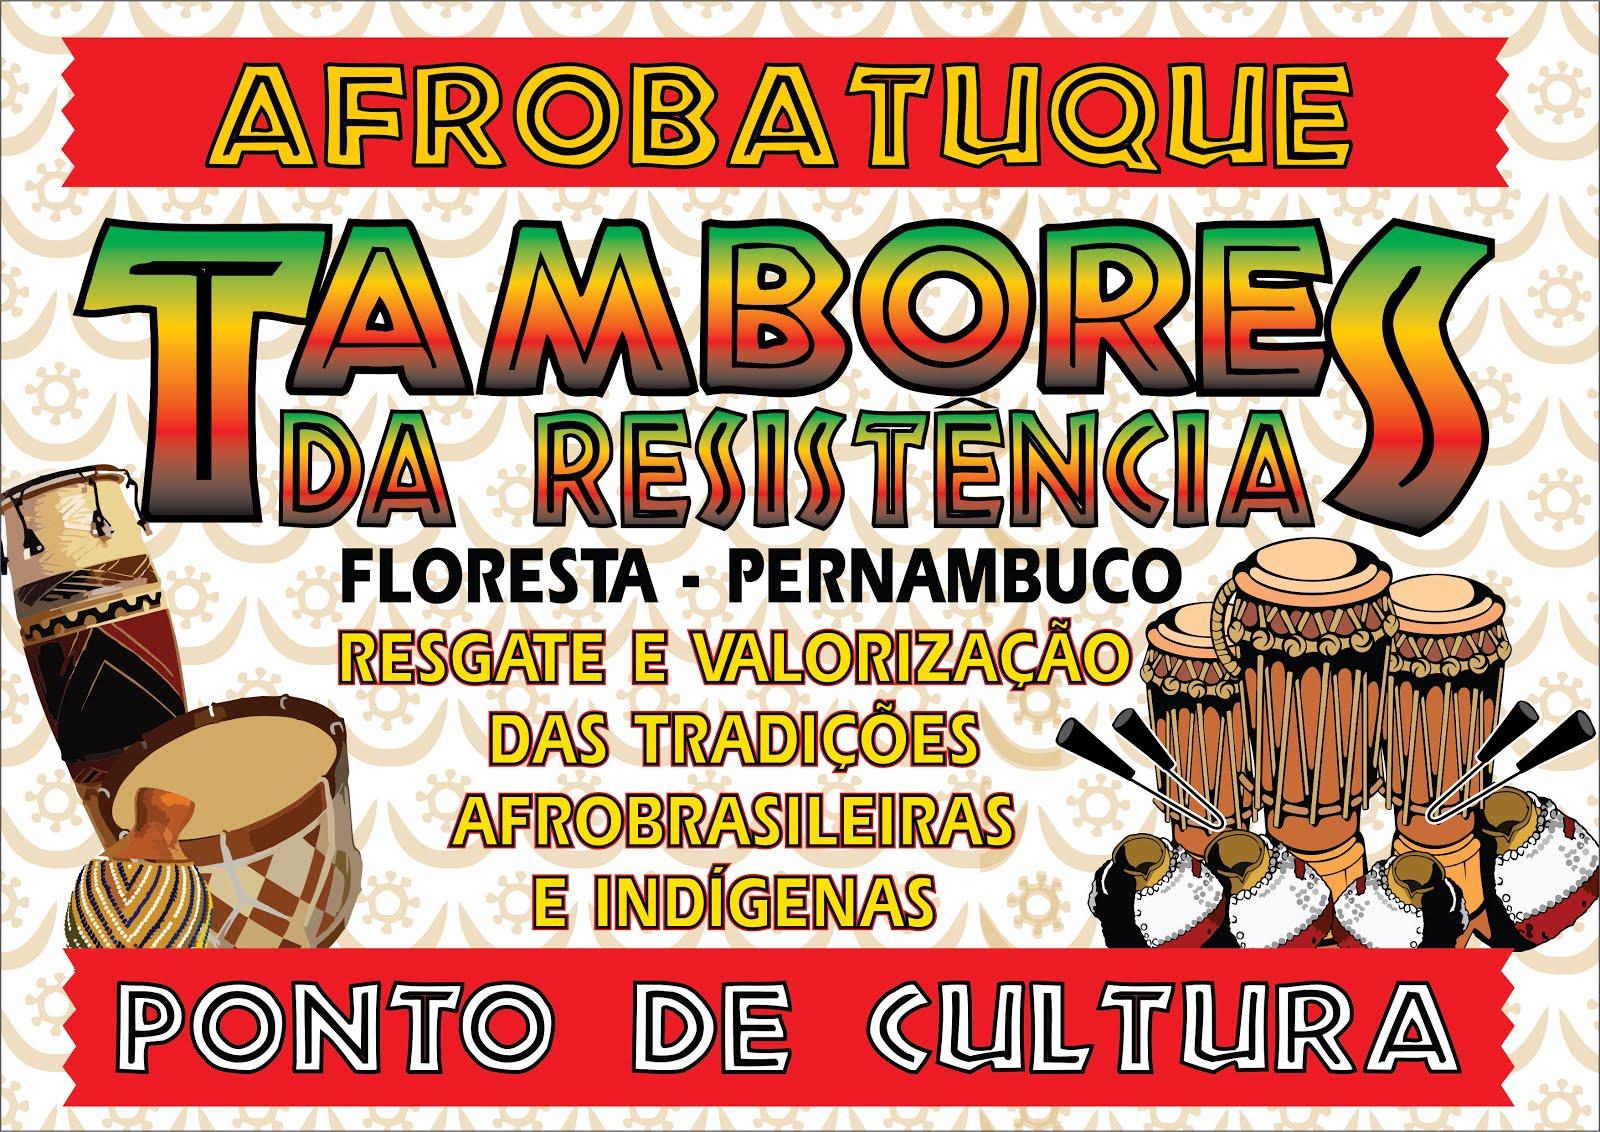 PROJETO AFROBATUQUE - TAMBORES DA RESISTÊNCIA